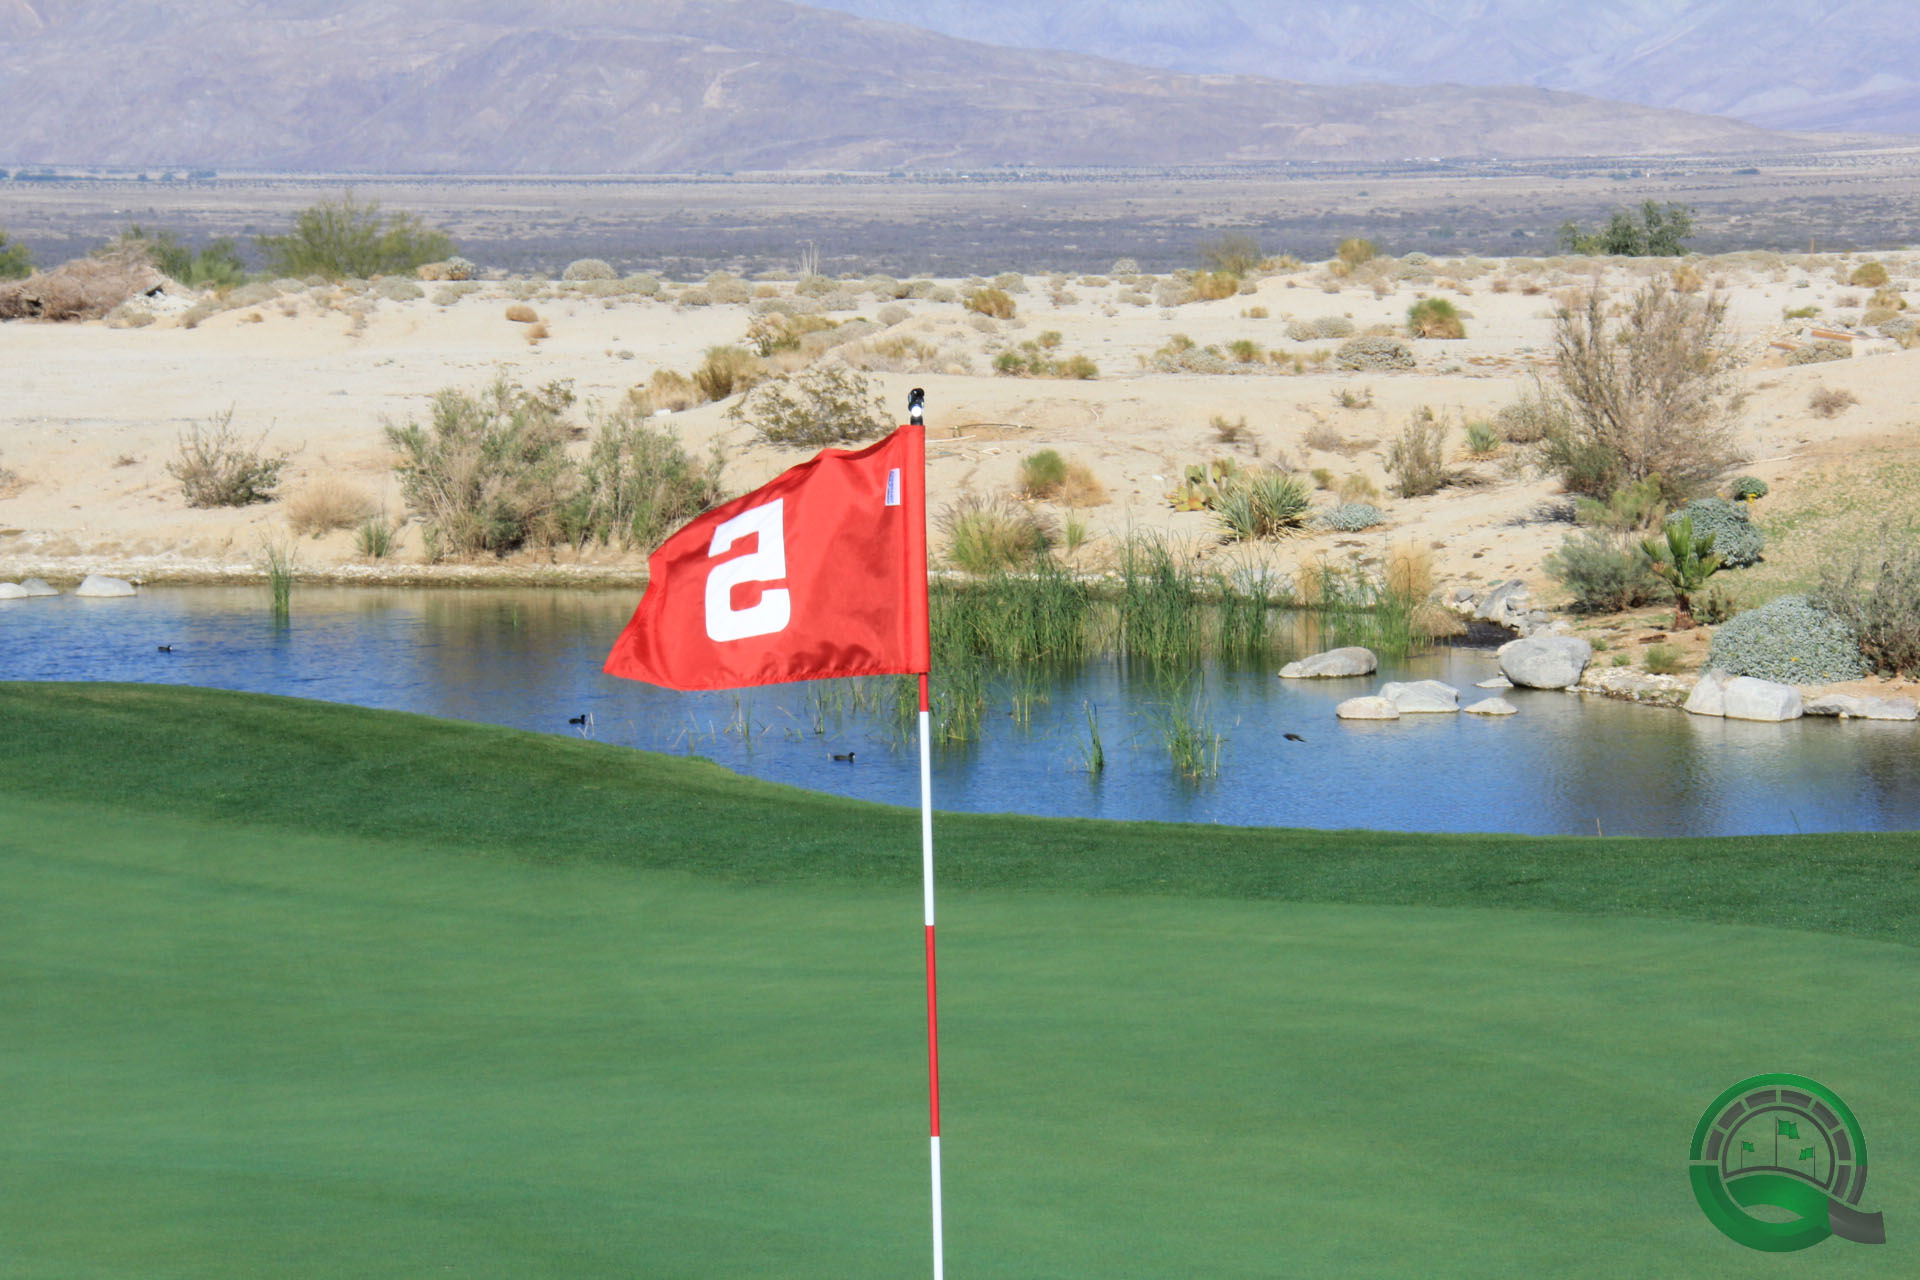 Rams Hill Golf Club Hole 5 Green